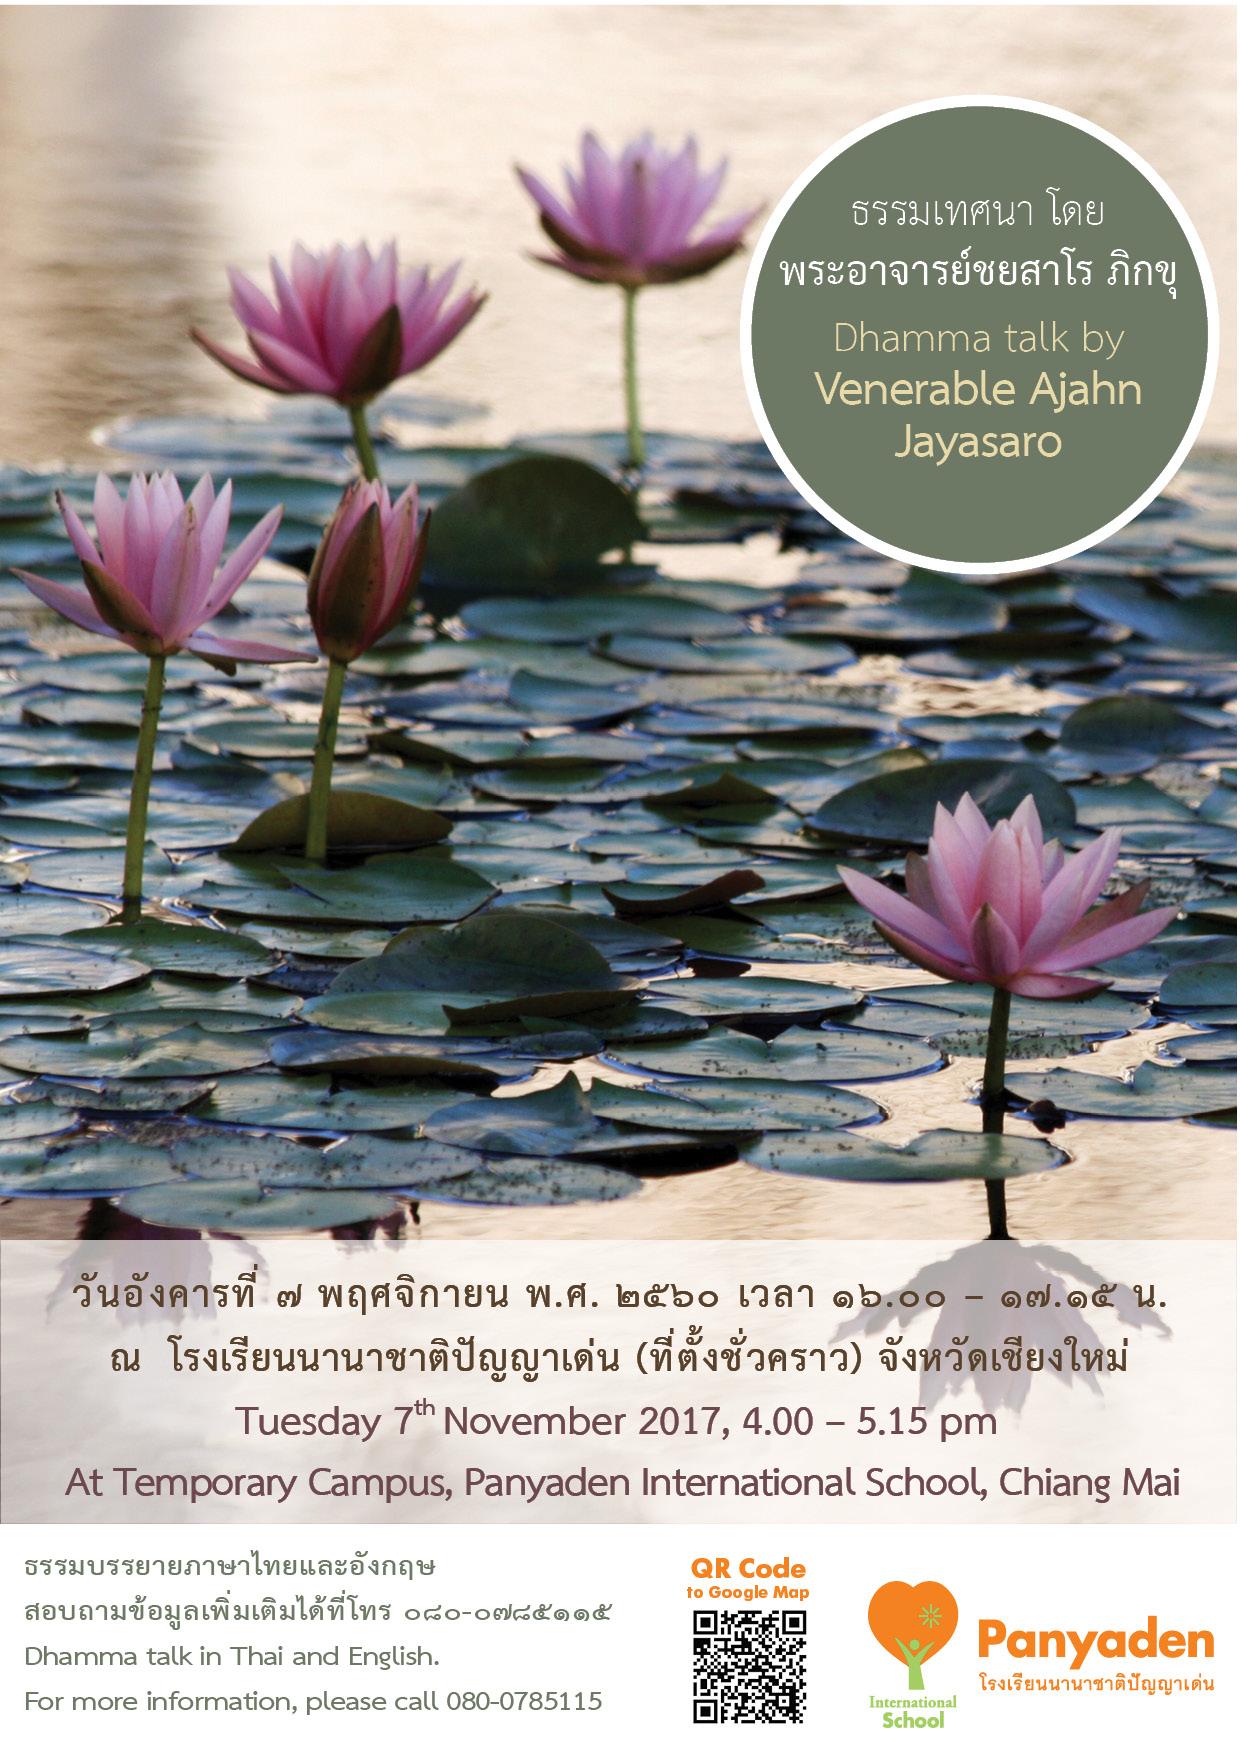 Dhamma talk by Ven. Ajahn Jayasaro hosted by Panyaden International School, Chiang Mai